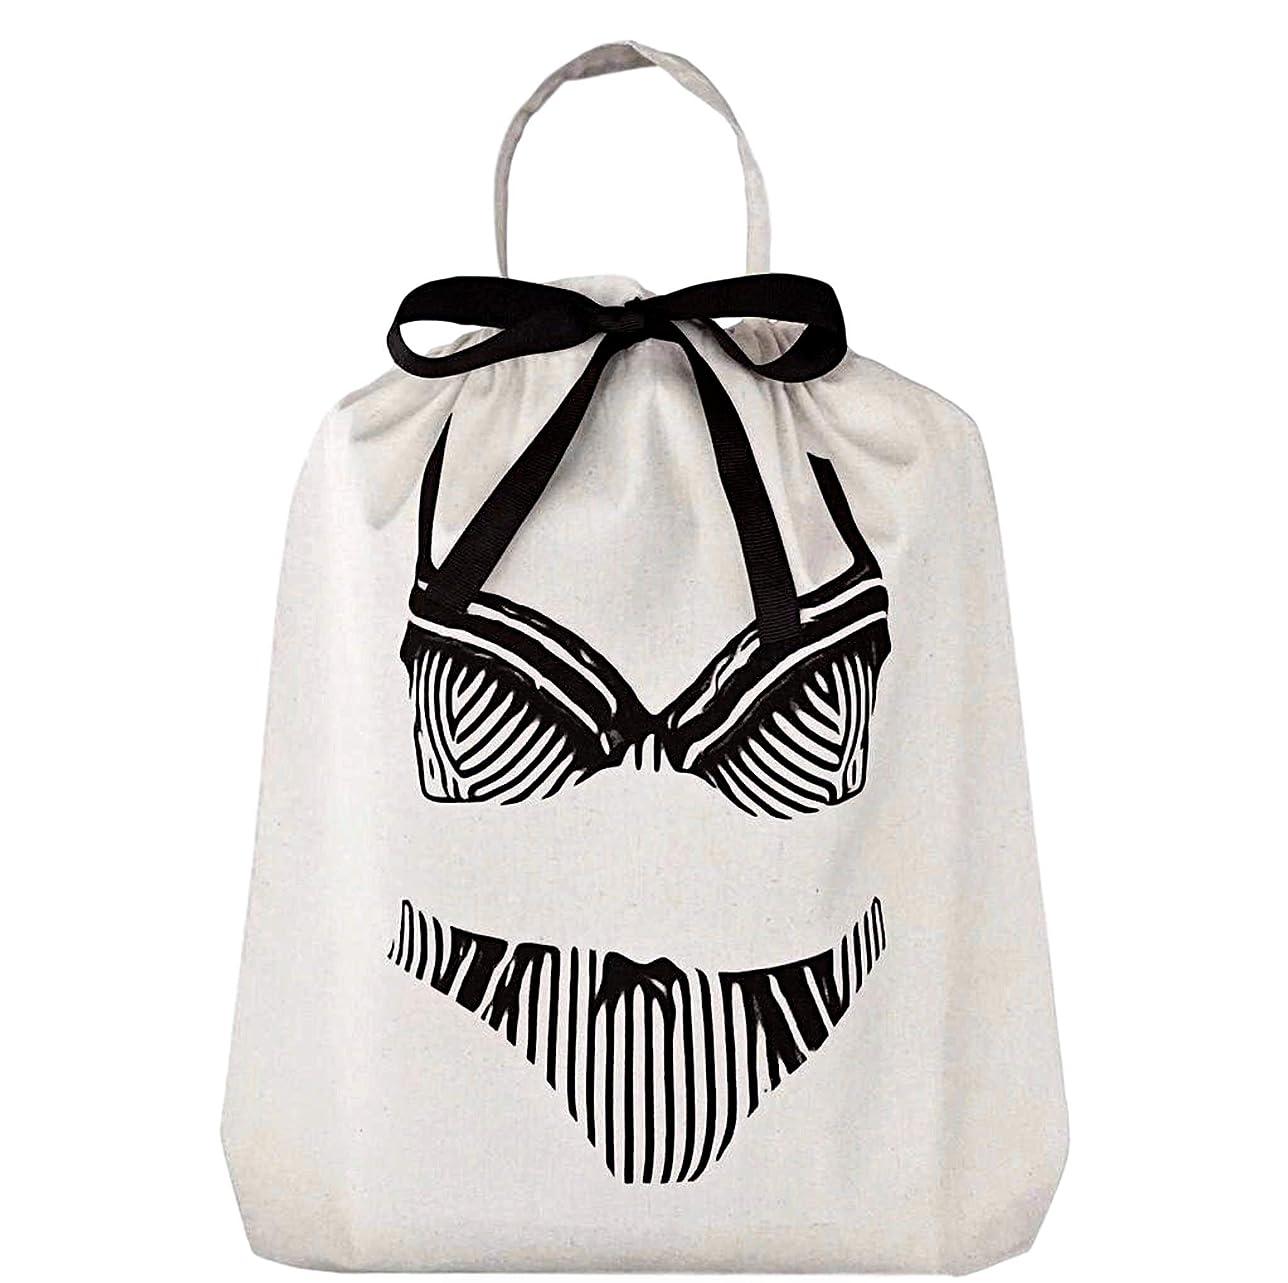 センサー皮肉マイルストーンBag-all (バックオール)ニューヨーク発 コットンClassic Lingerie Bag